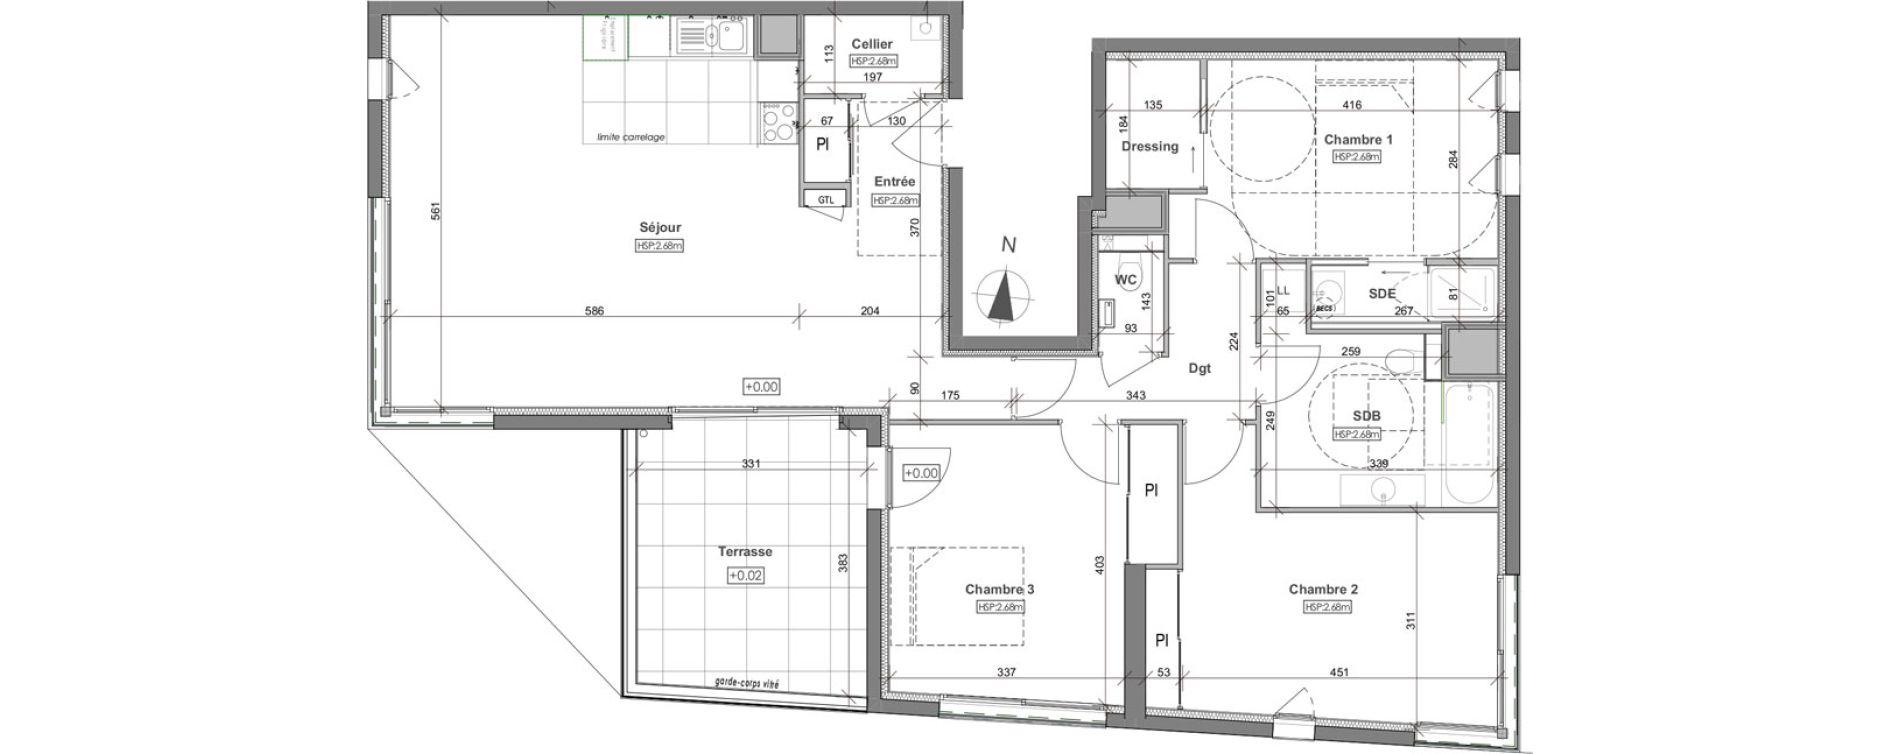 Appartement T4 de 106,34 m2 à Rennes Arsenal - redon